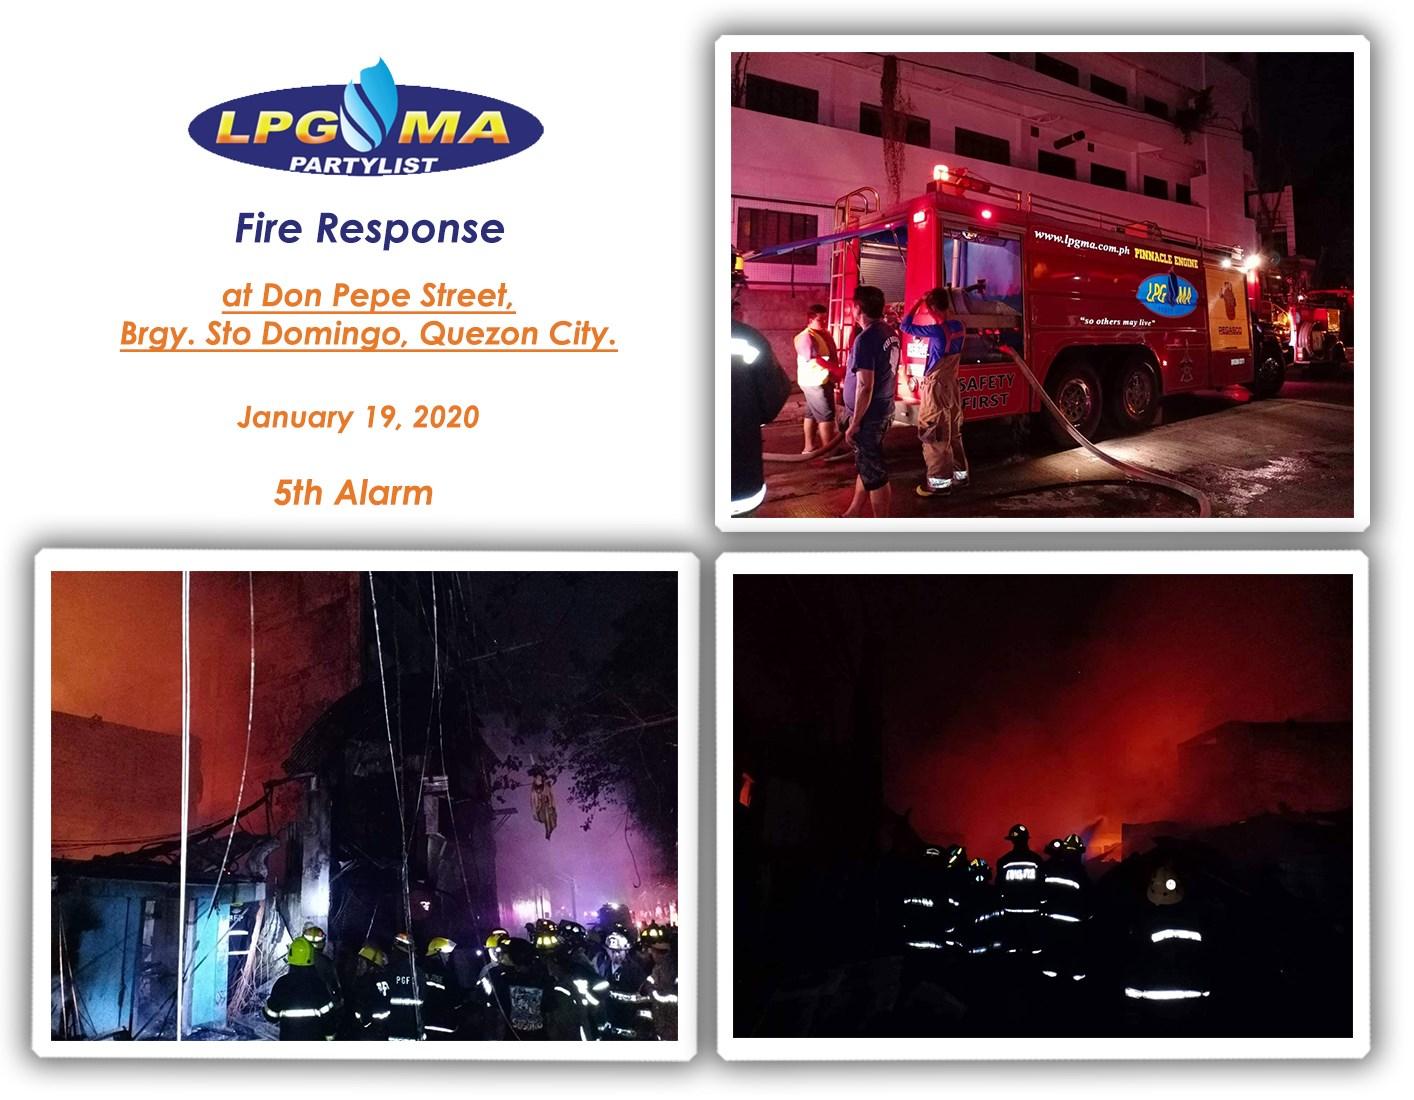 LPGMA Fire Response in Barangay Santo Domingo Quezon City